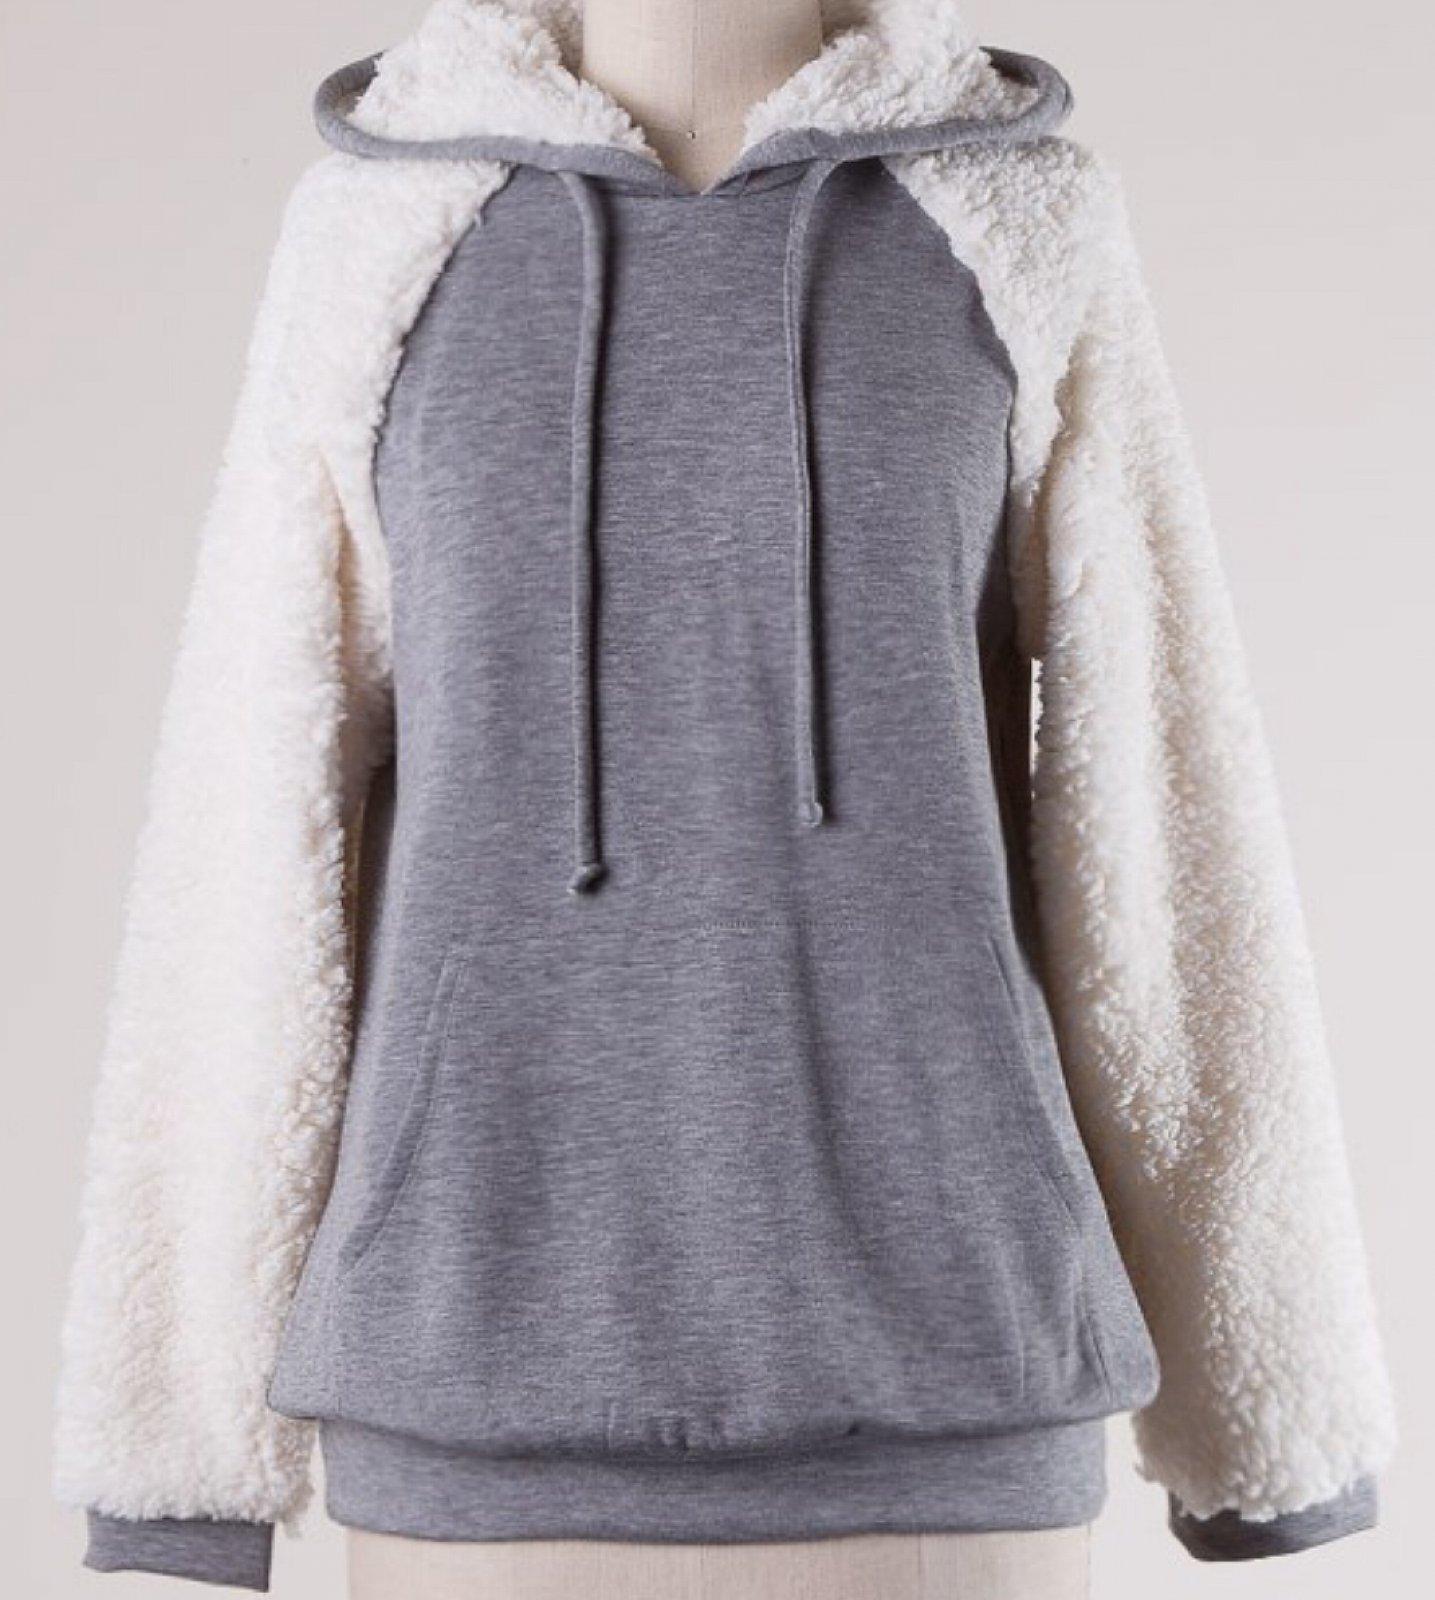 Ladies Long Sleeve Hooded Pullover